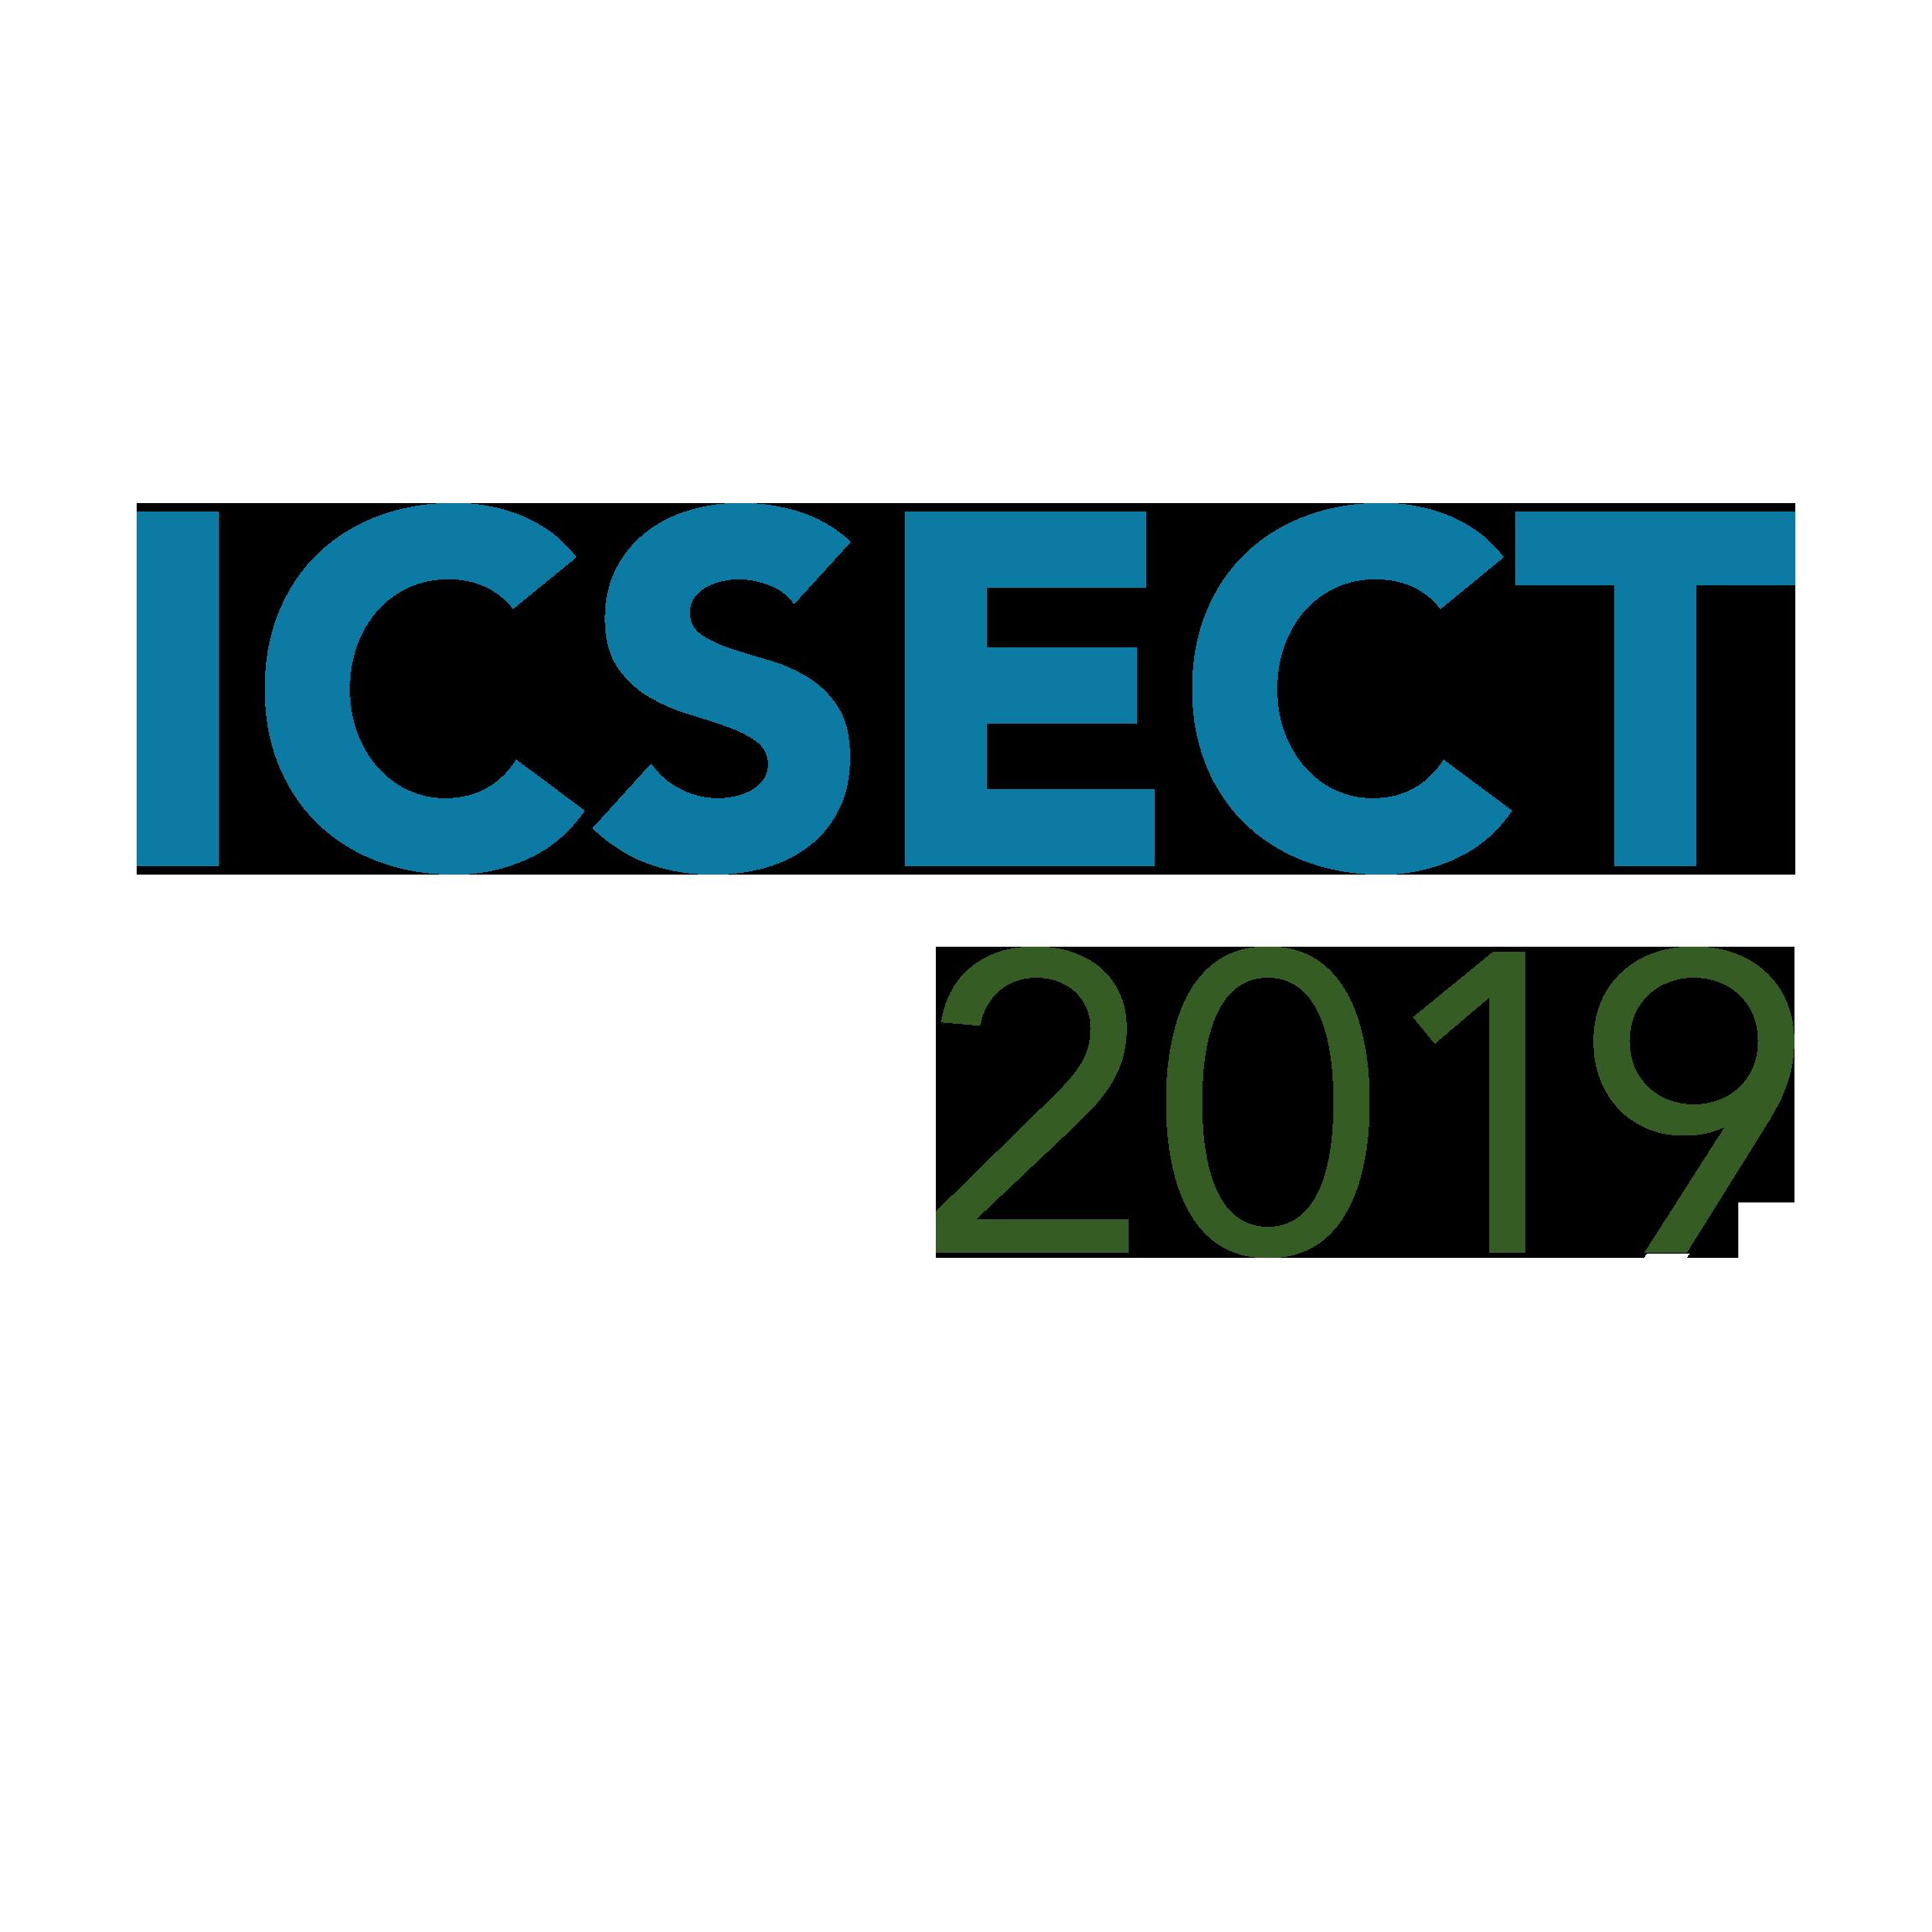 ICSECT